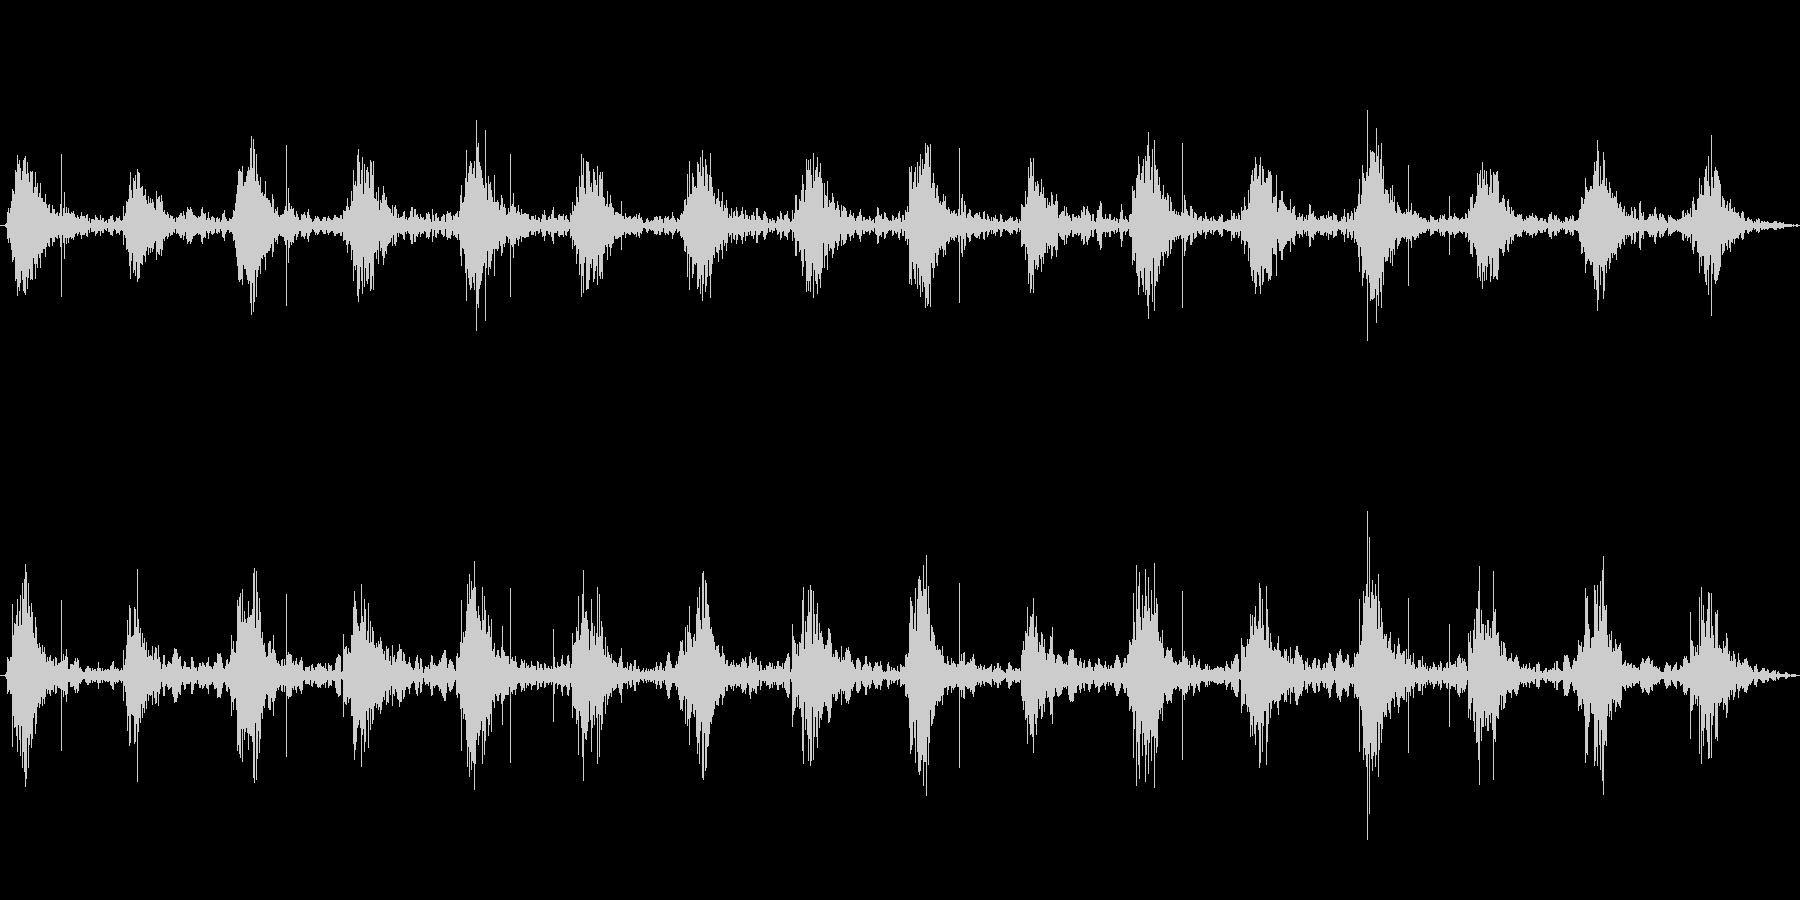 足音 行進の音(軍隊、兵隊、大人数等)4の未再生の波形